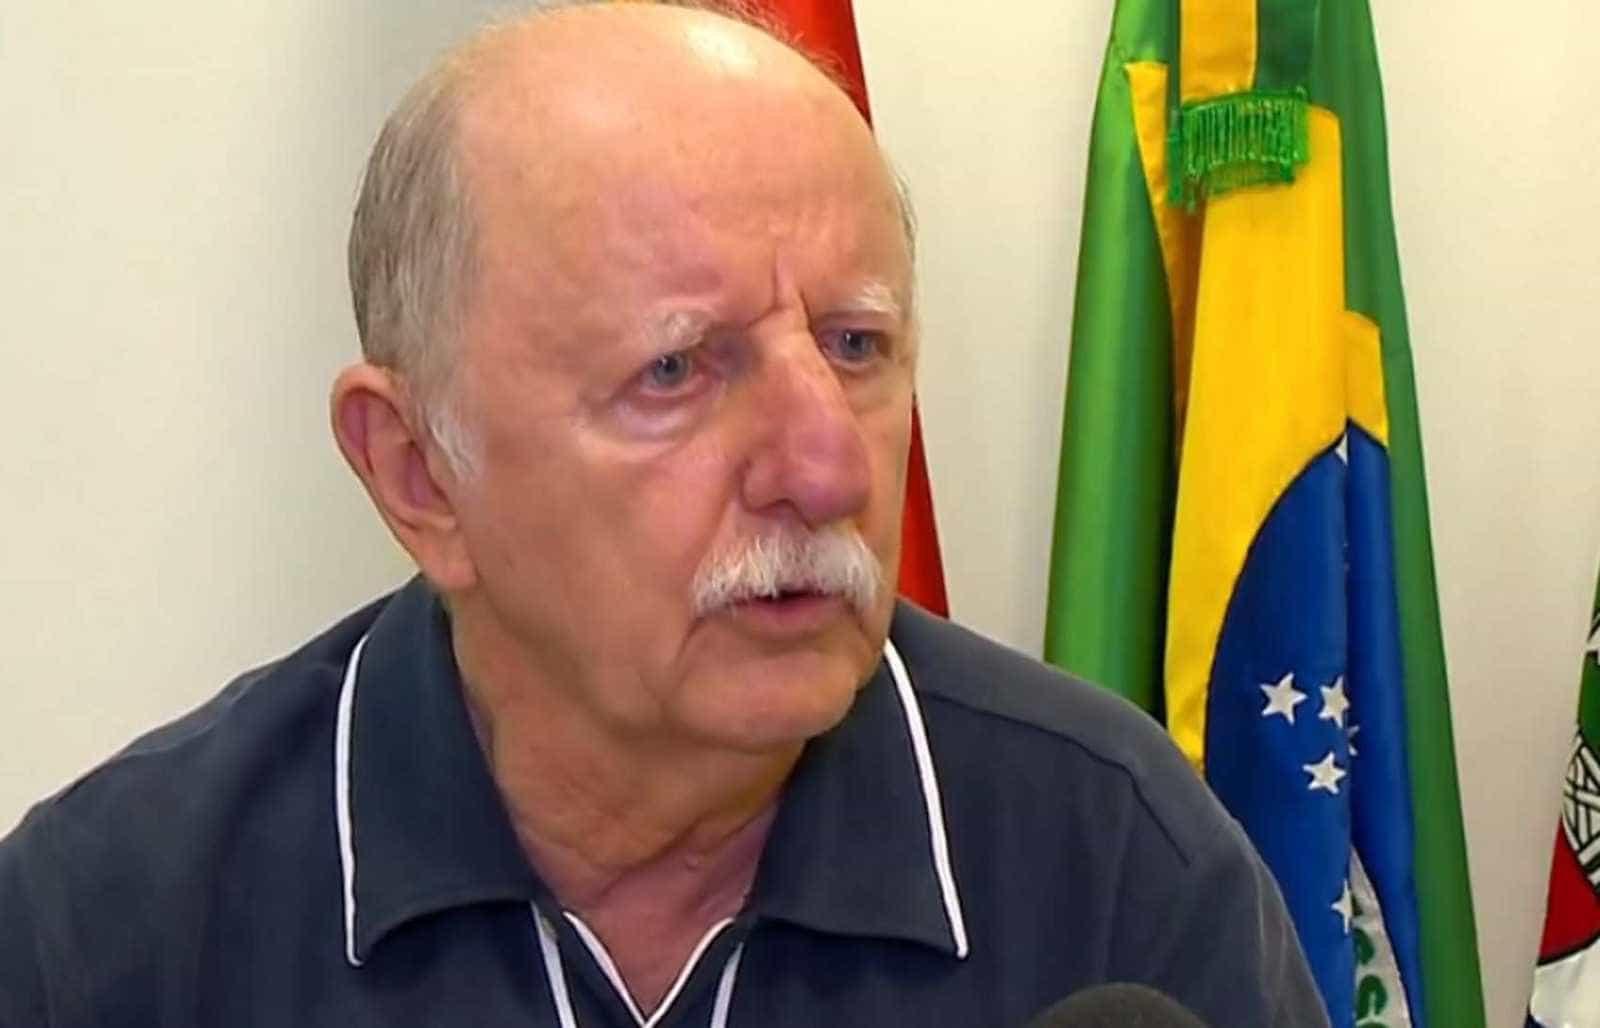 Prefeito tem mandato cassado por assediar duas servidoras públicas